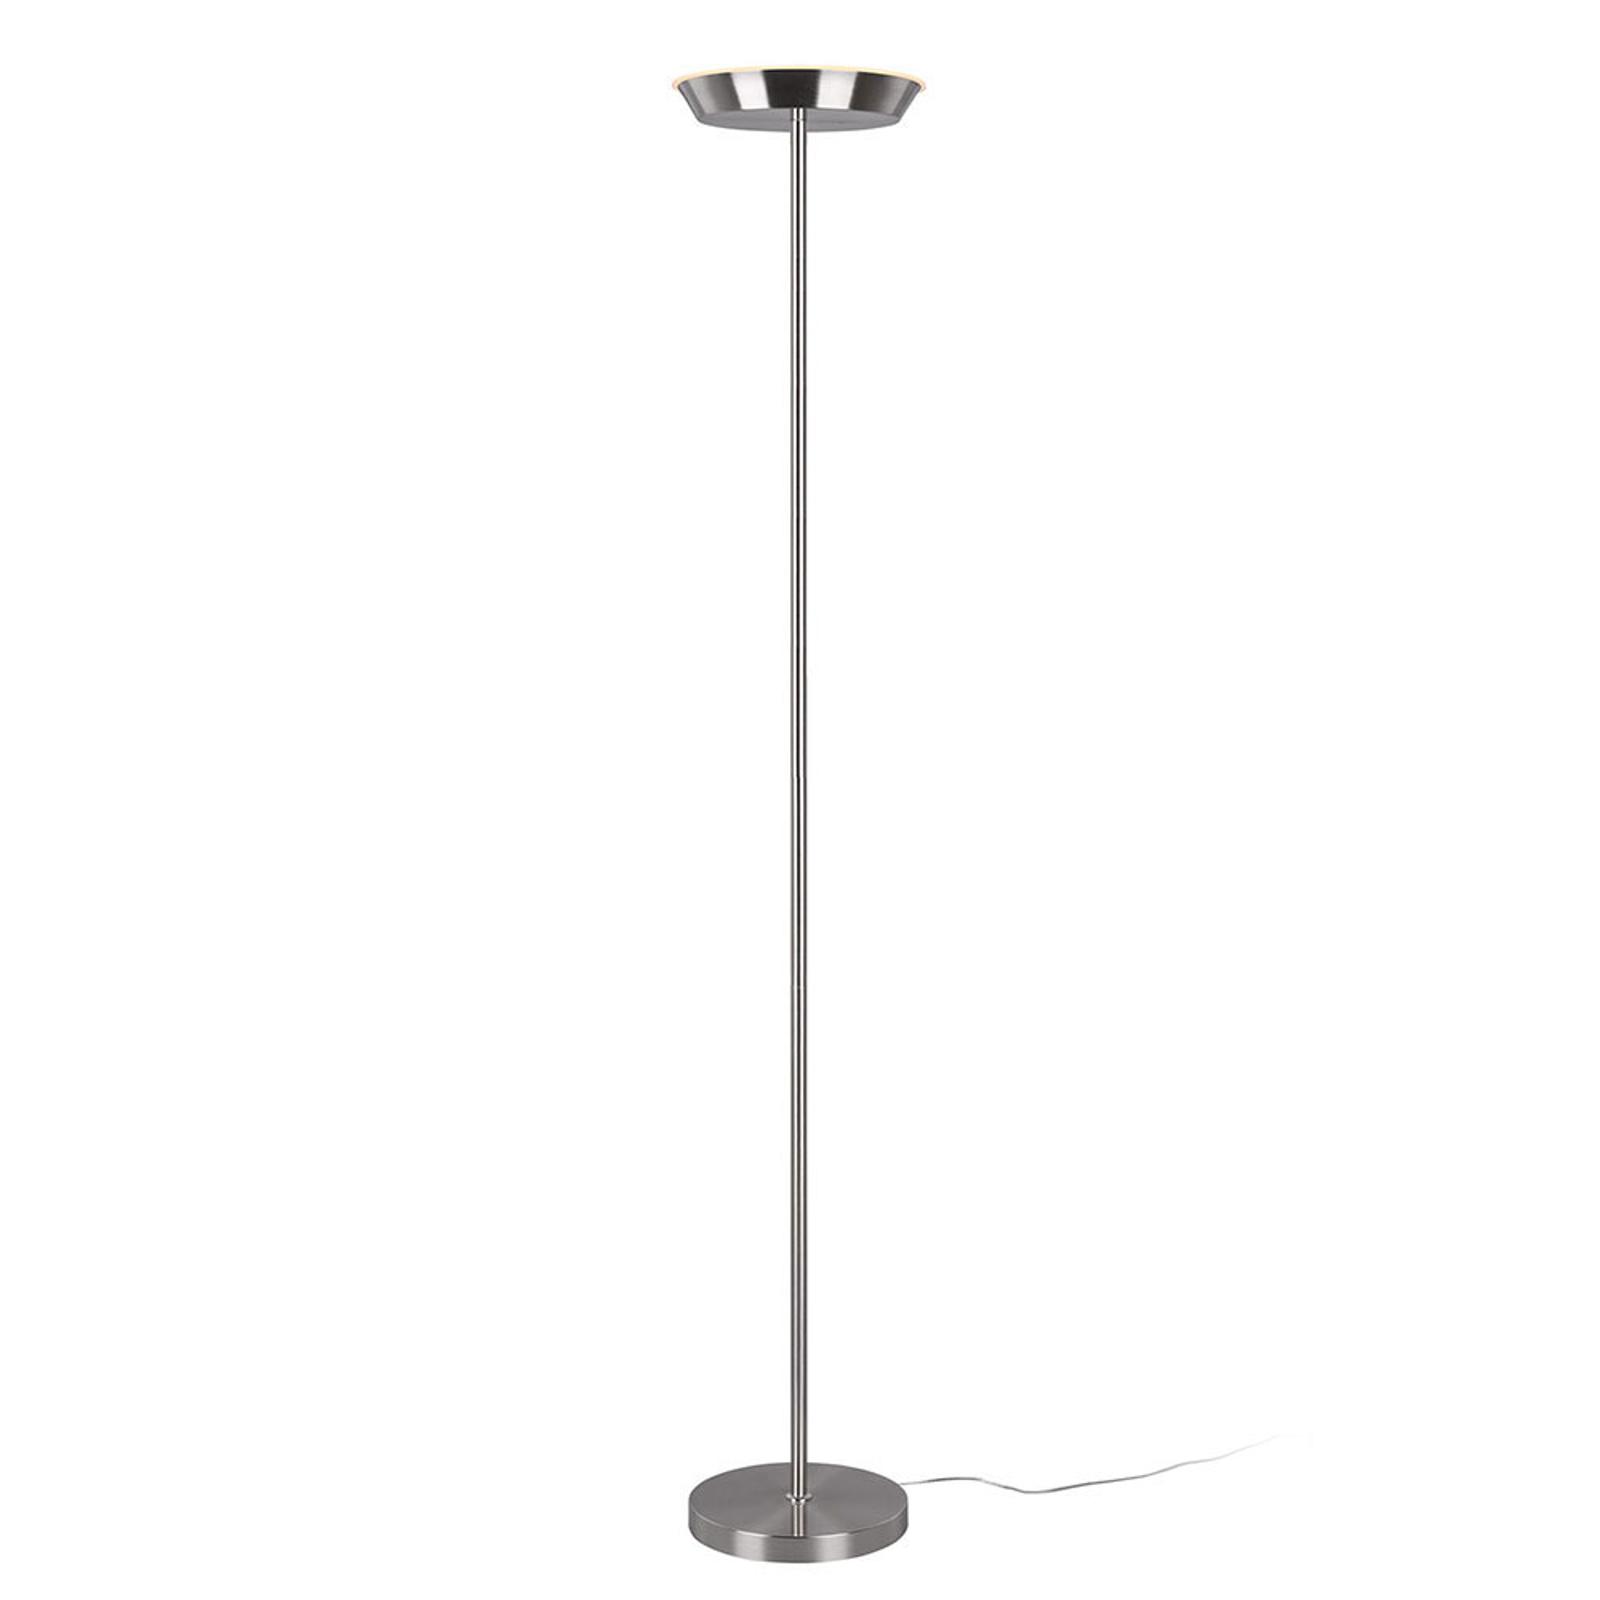 LED uplighter Swona, WiZ, nikkel mat